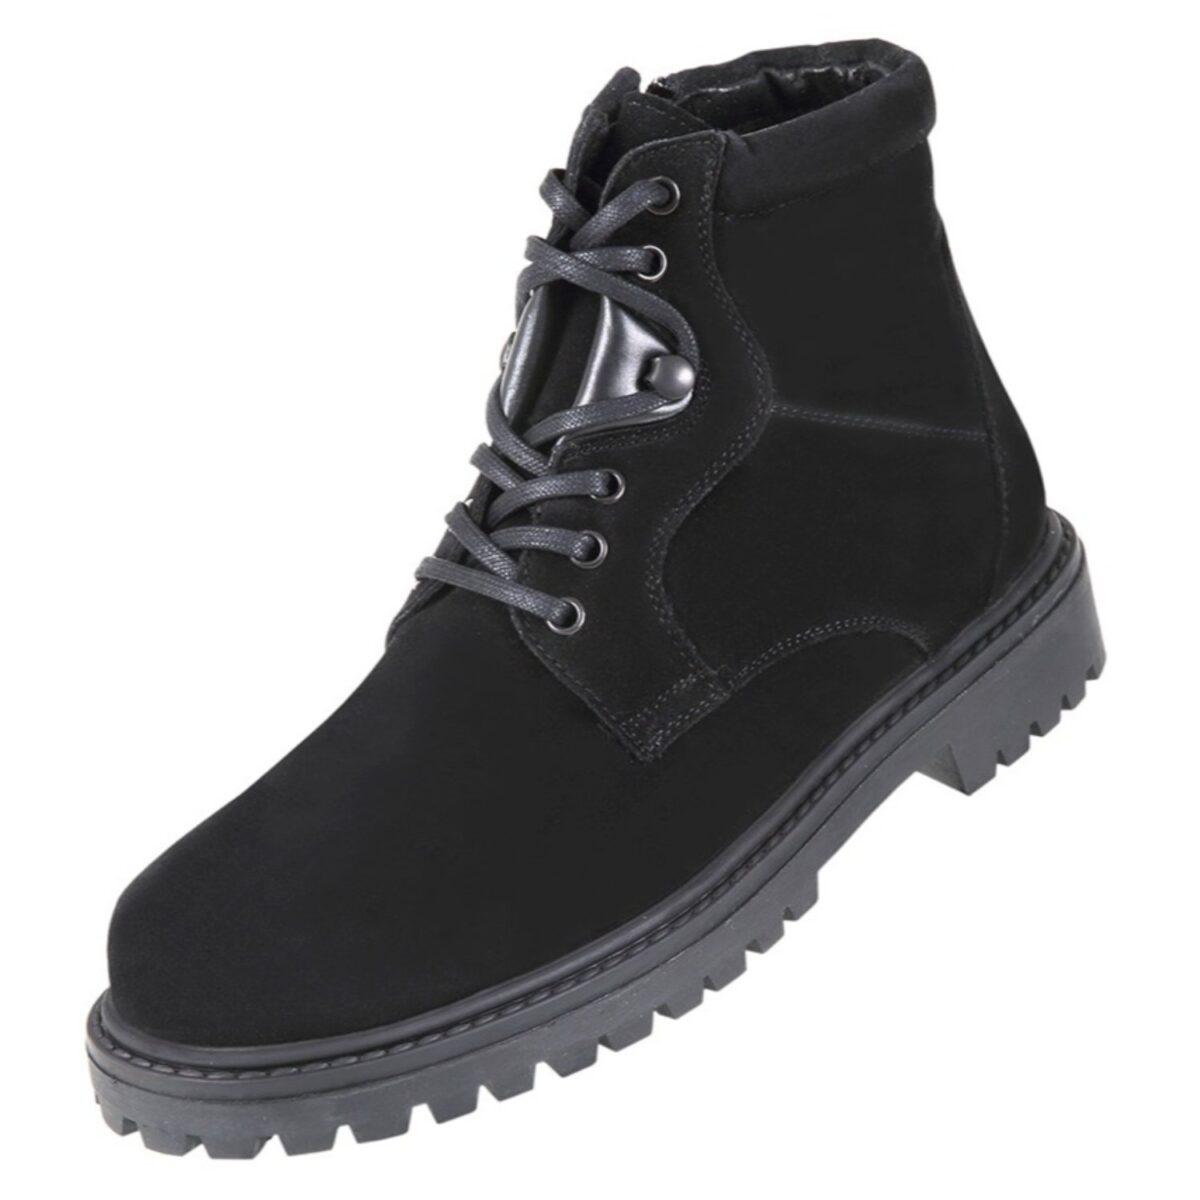 Zapatos con Alzas modelo 8040 Nc - HiPlus